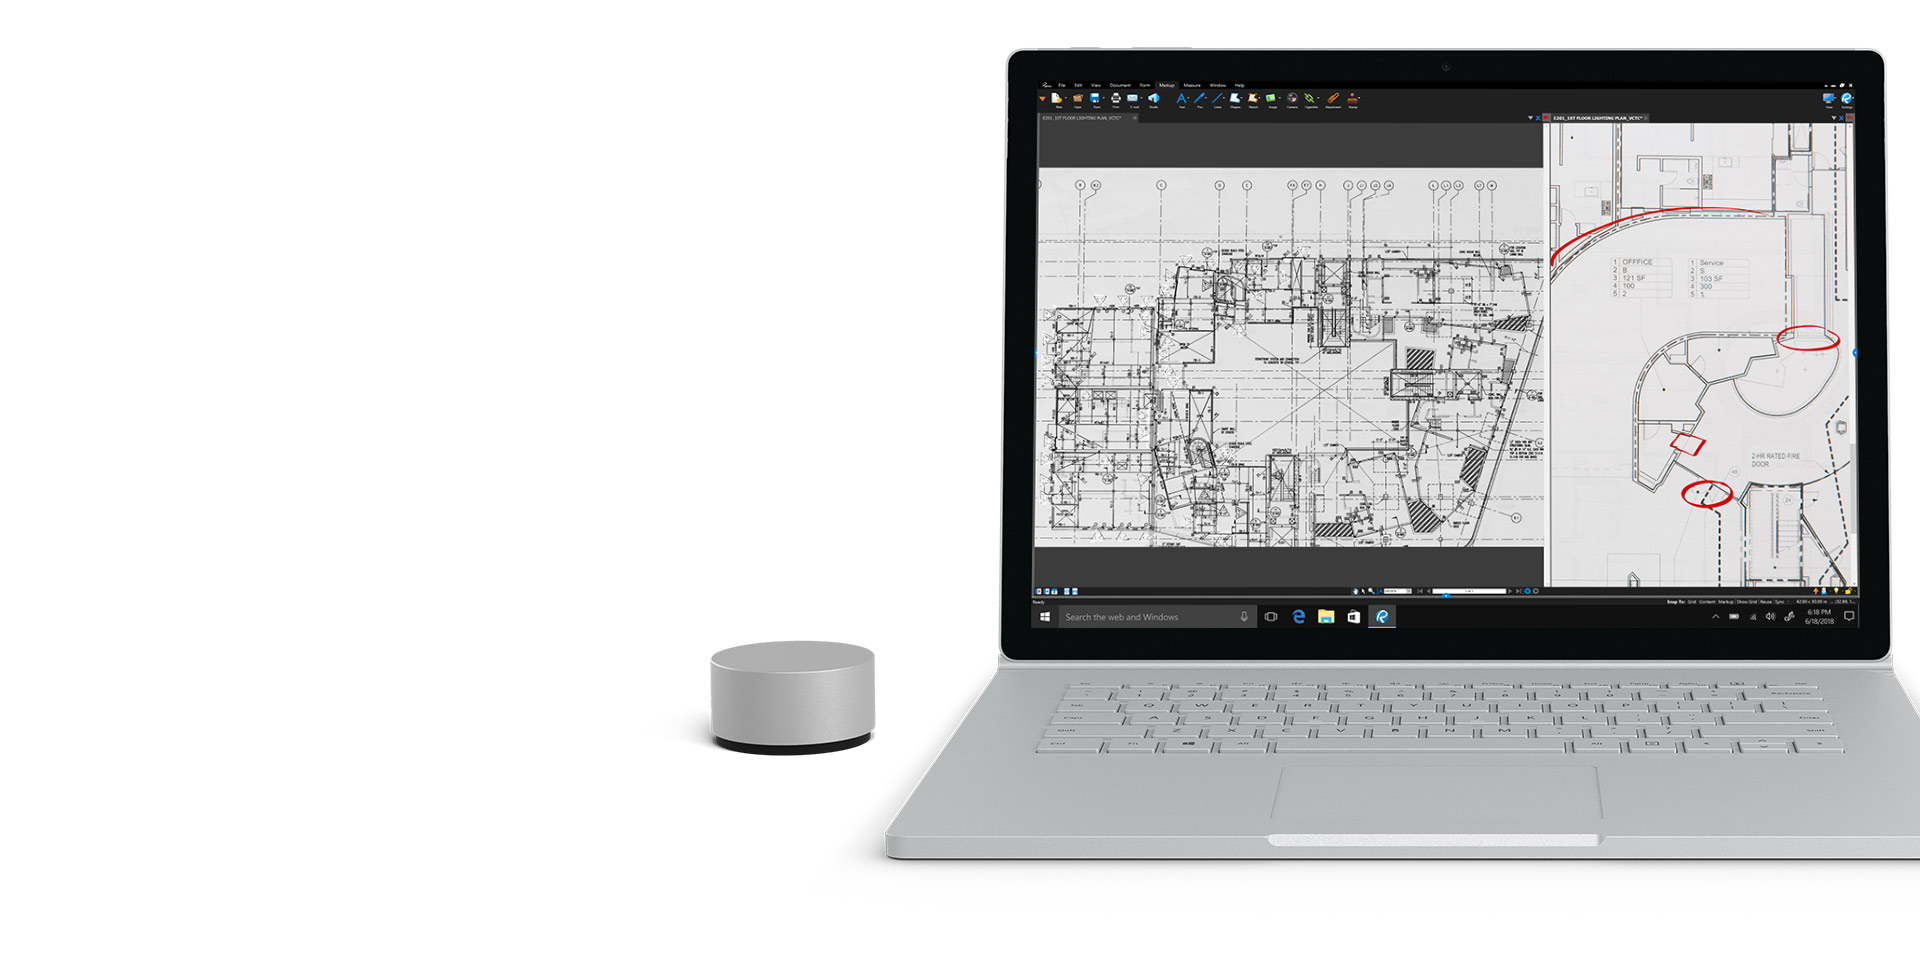 Surface Book 2-Display mit geöffnetem Bluebeam